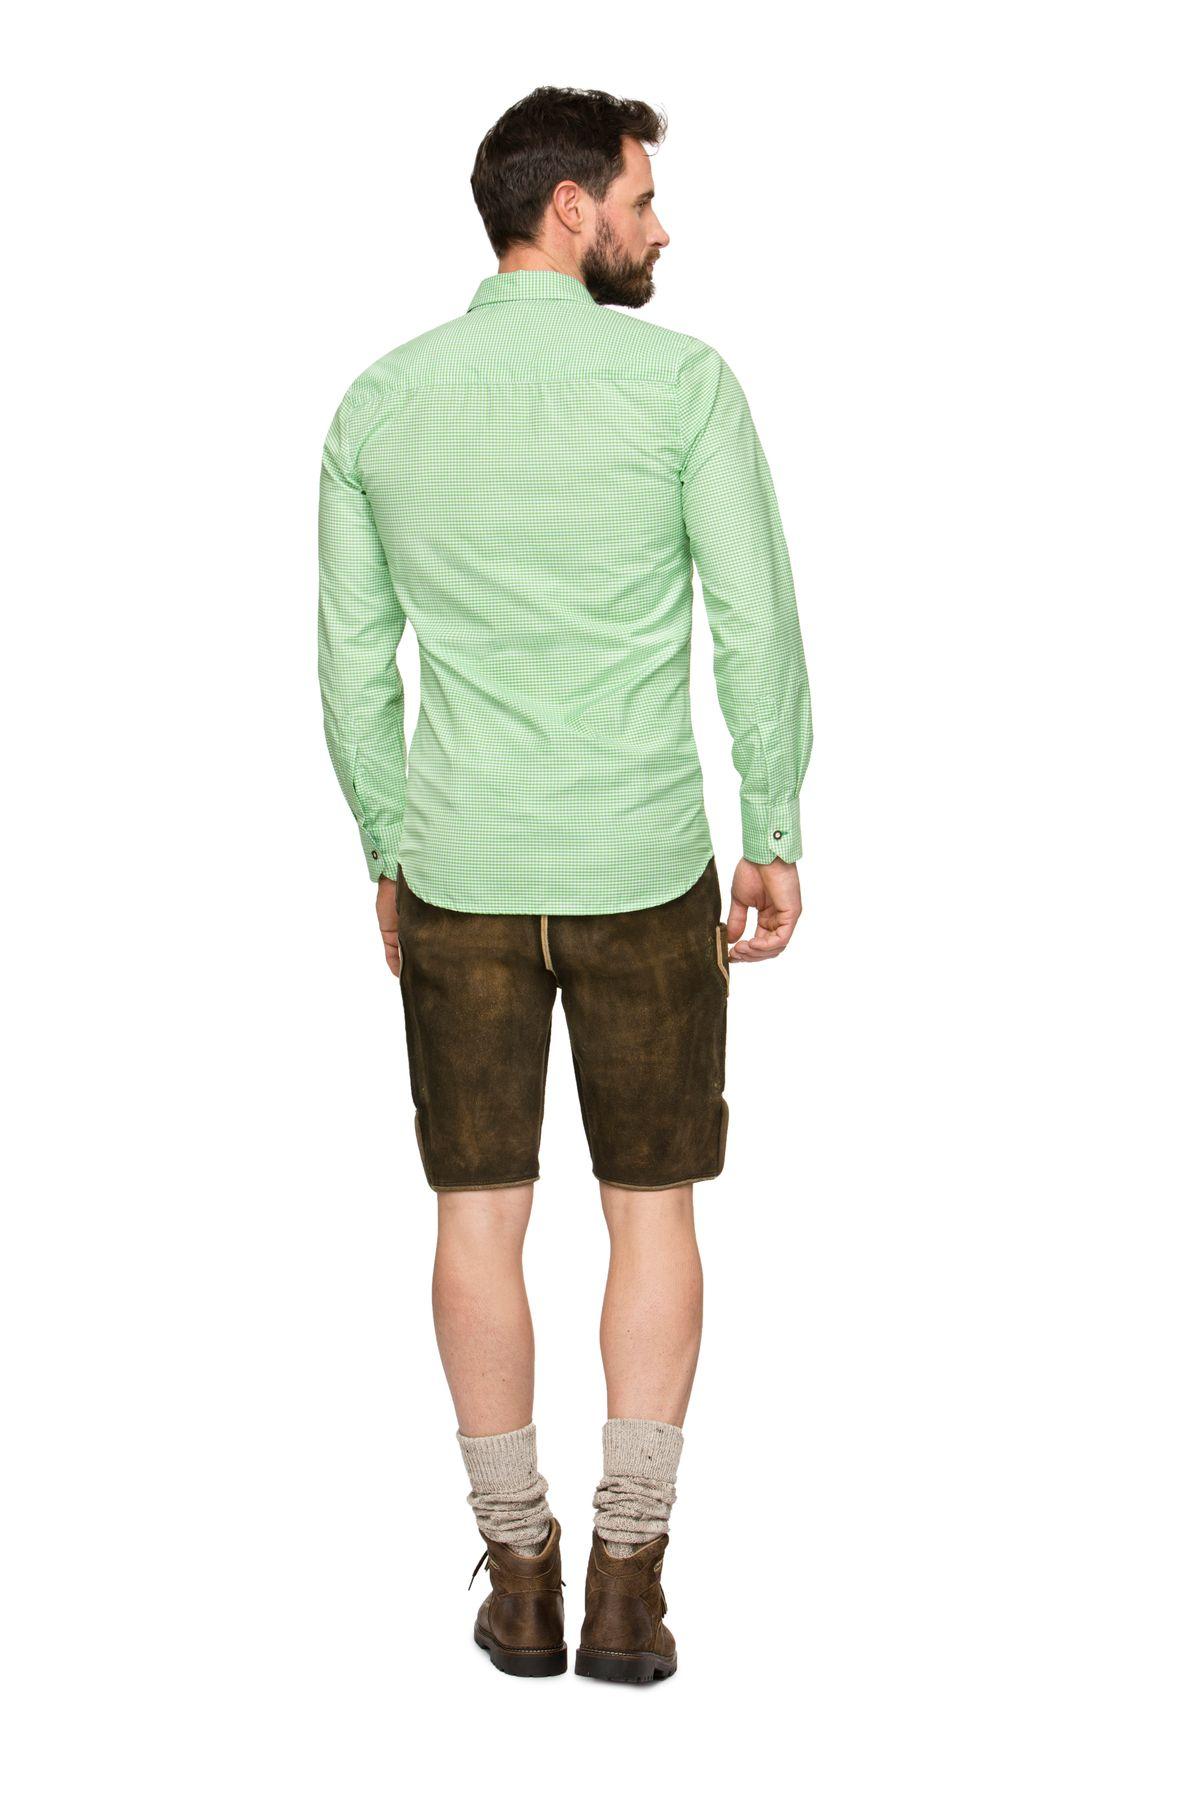 Stockerpoint - Herren Trachtenhemd,Dave2 – Bild 2